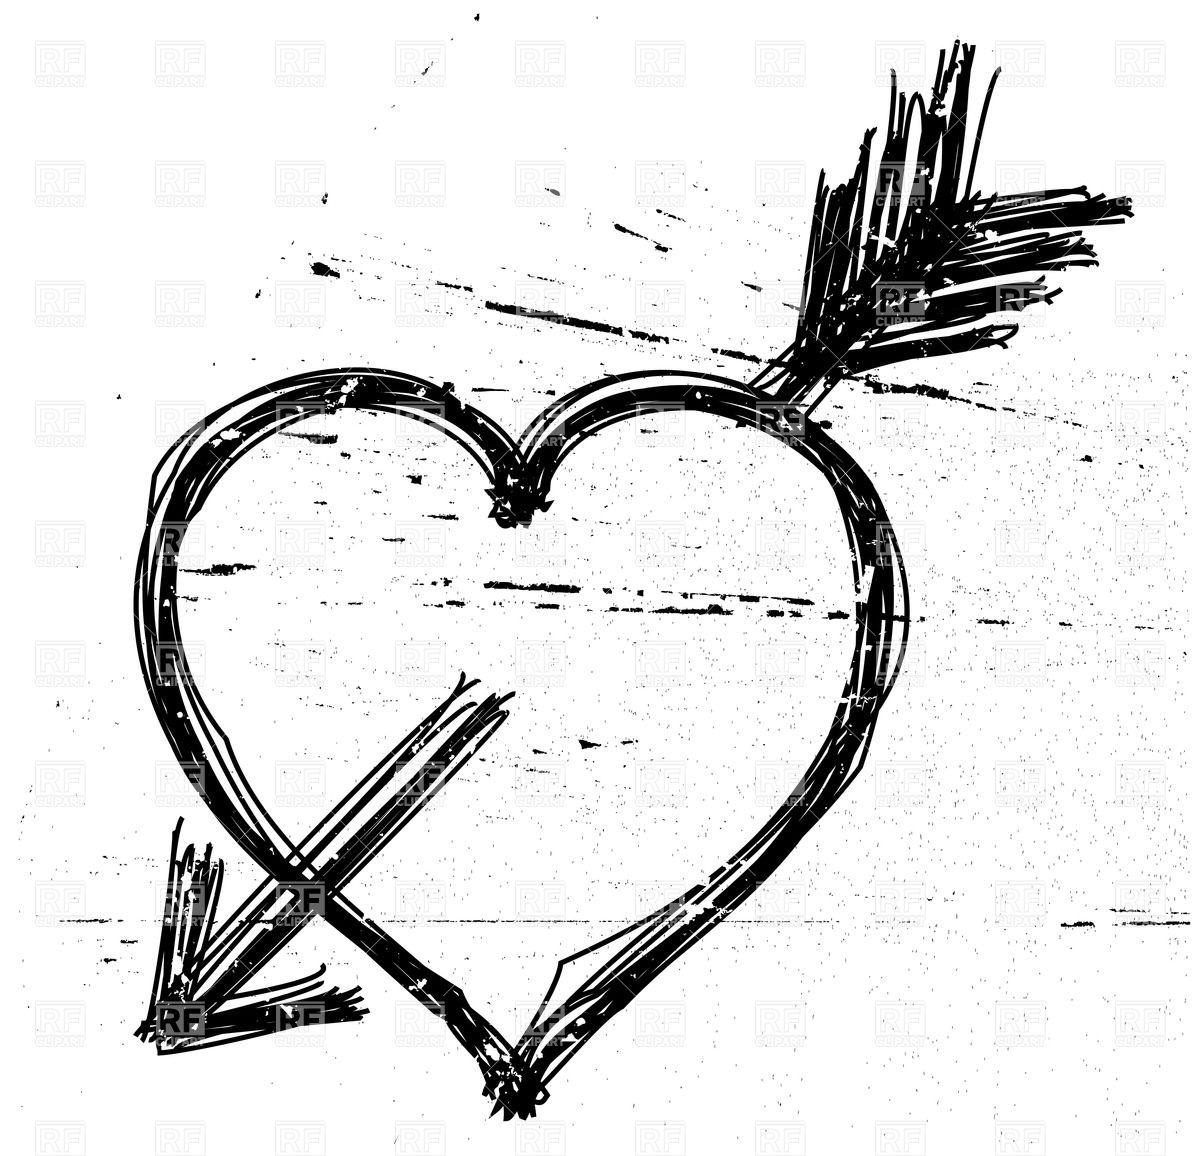 Heart pierced by arrow in grunge style.